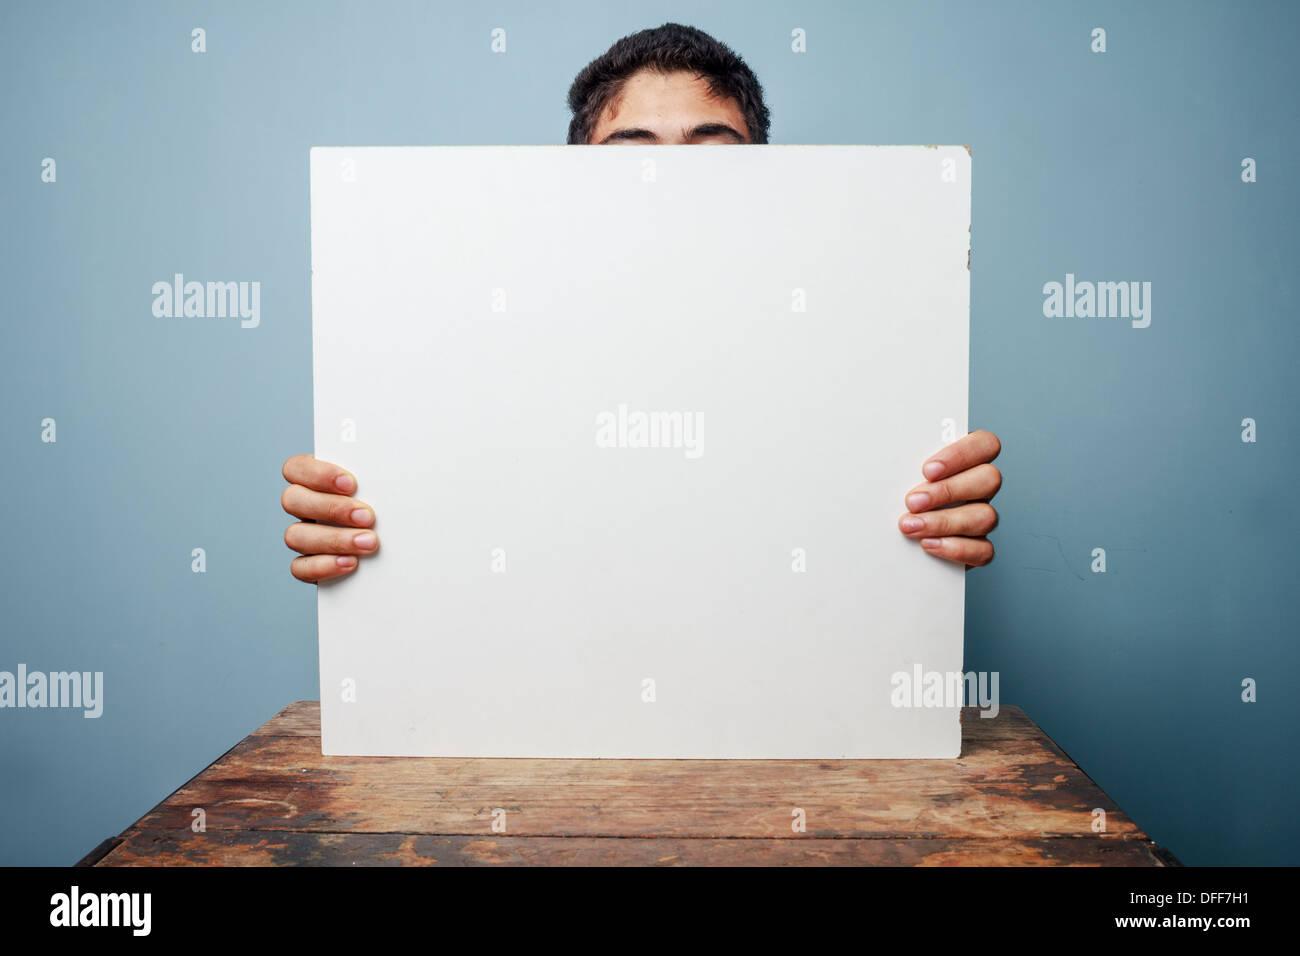 Giovane uomo seduto a un tavolo e tenendo un vuoto segno bianco, solo la cima della sua testa è visibile Immagini Stock